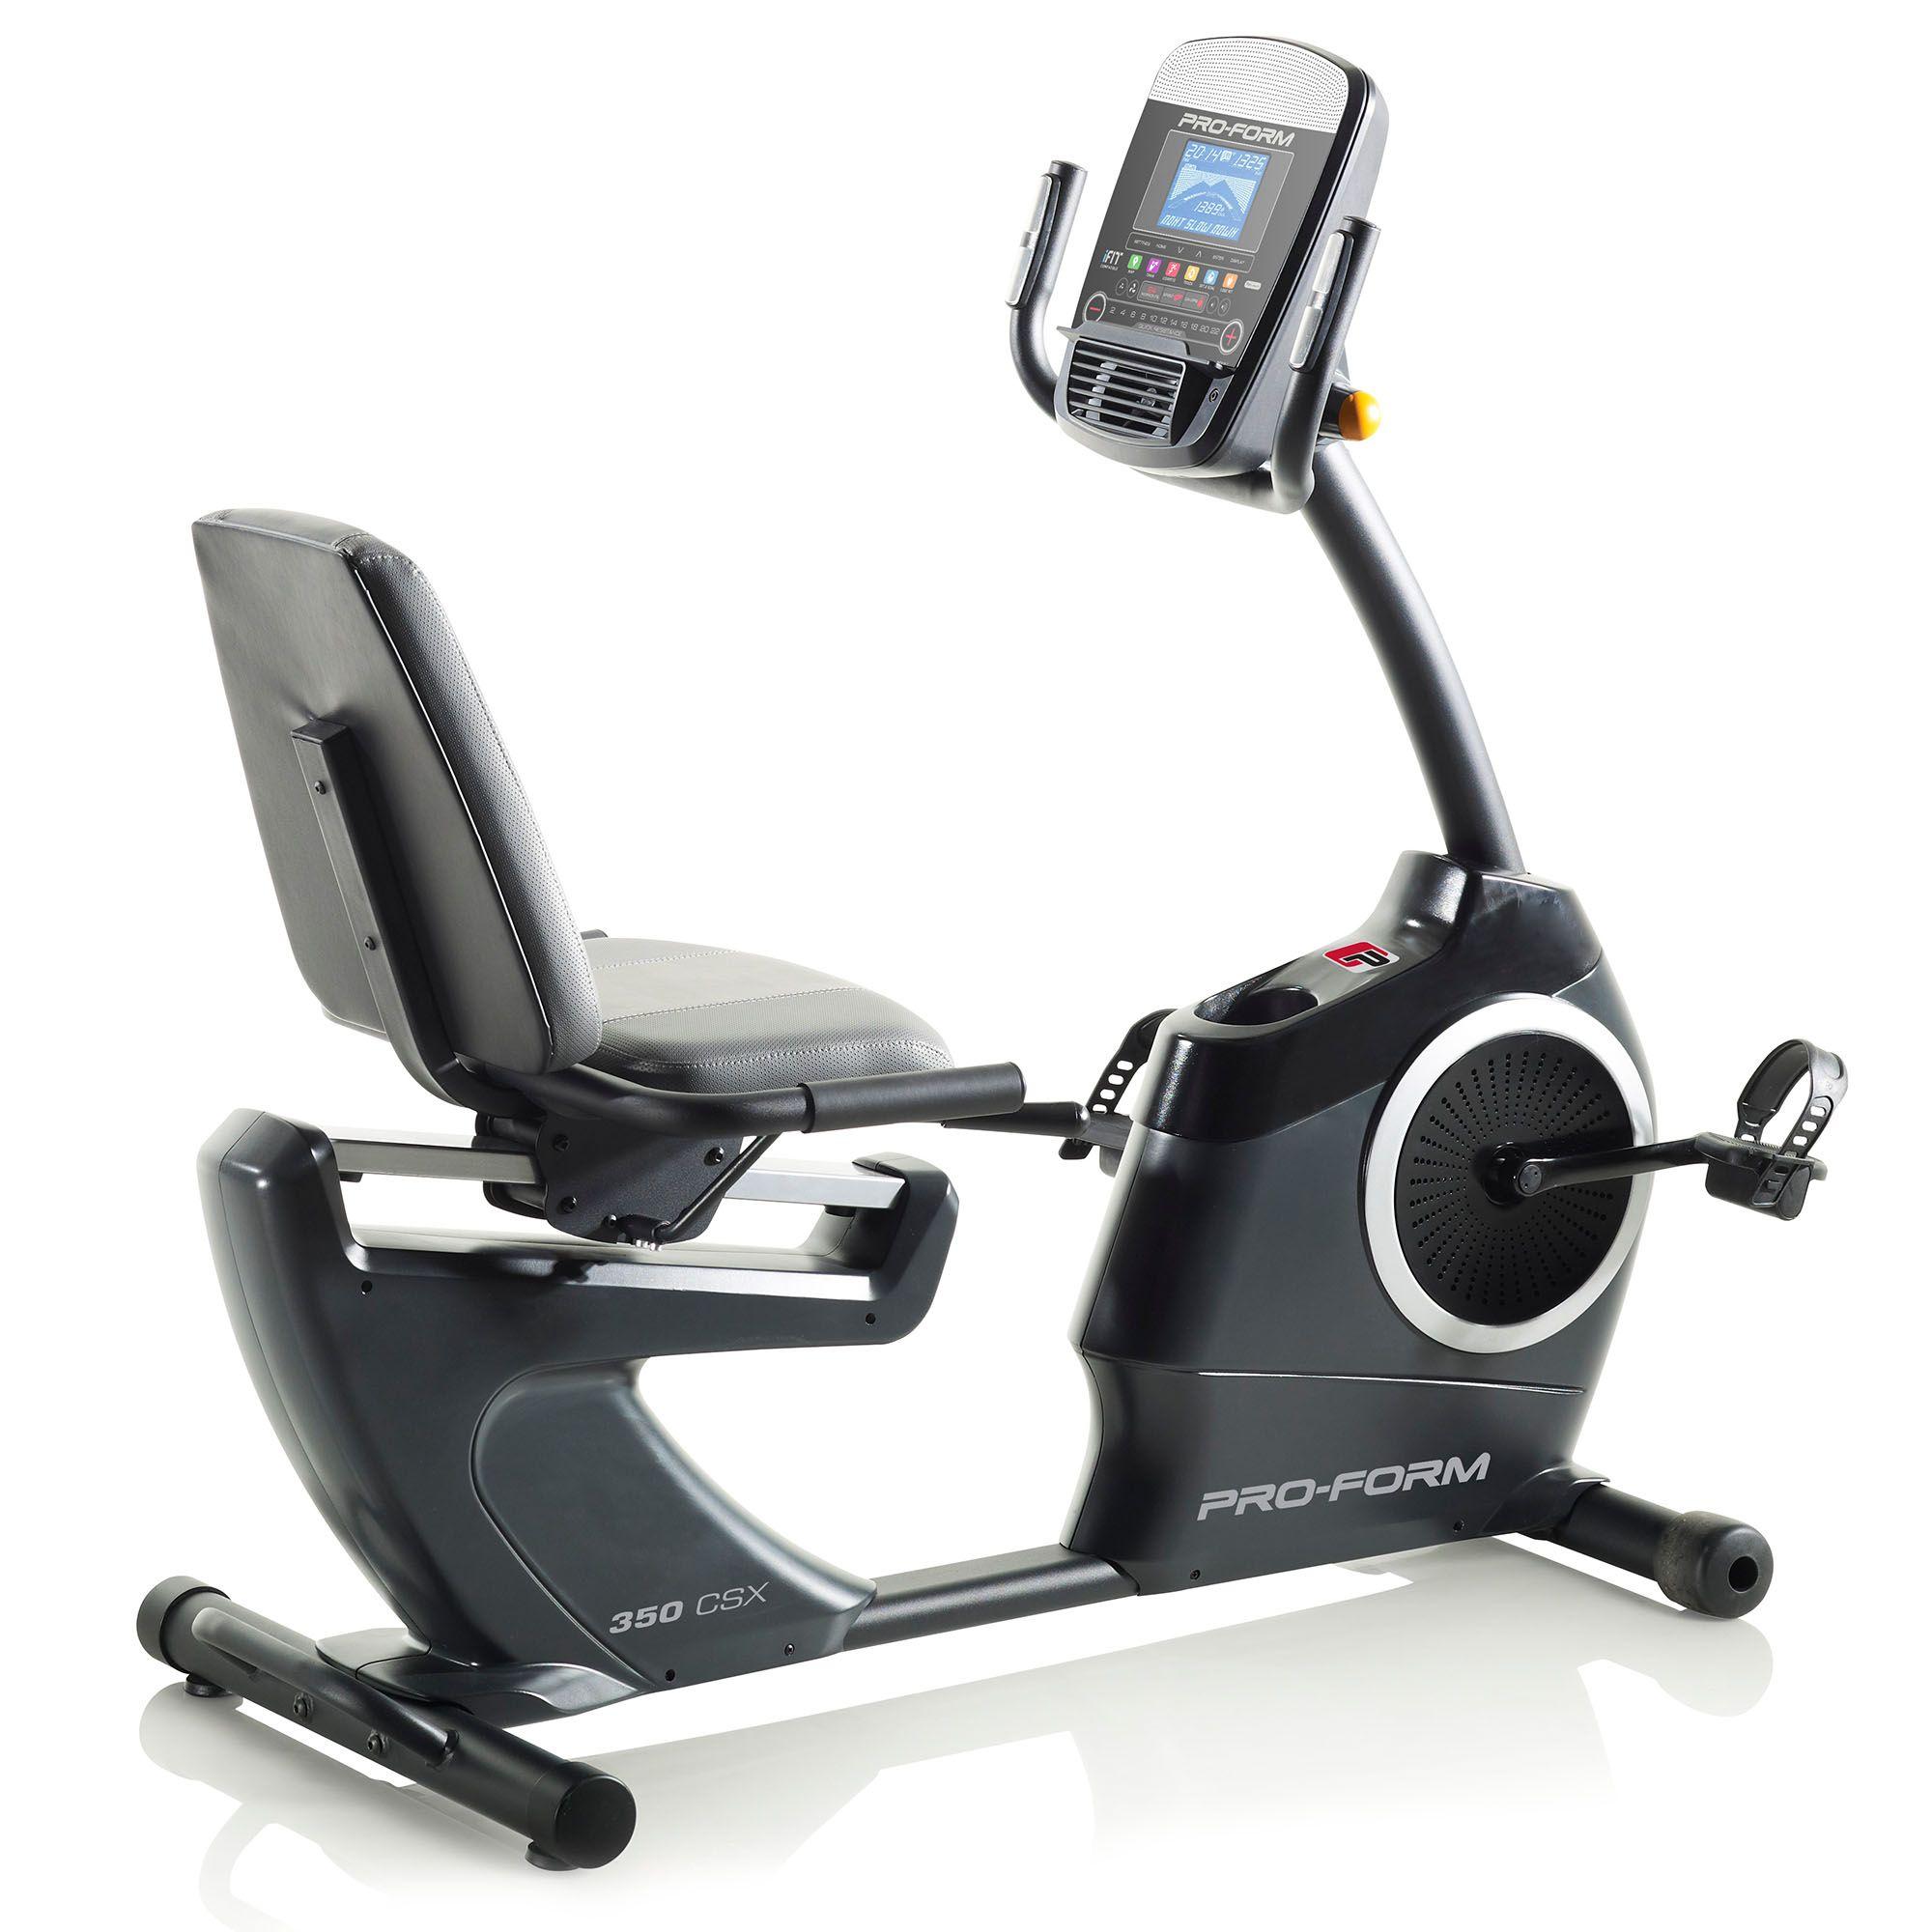 ProForm 350 CSX Recumbent Exercise Bike